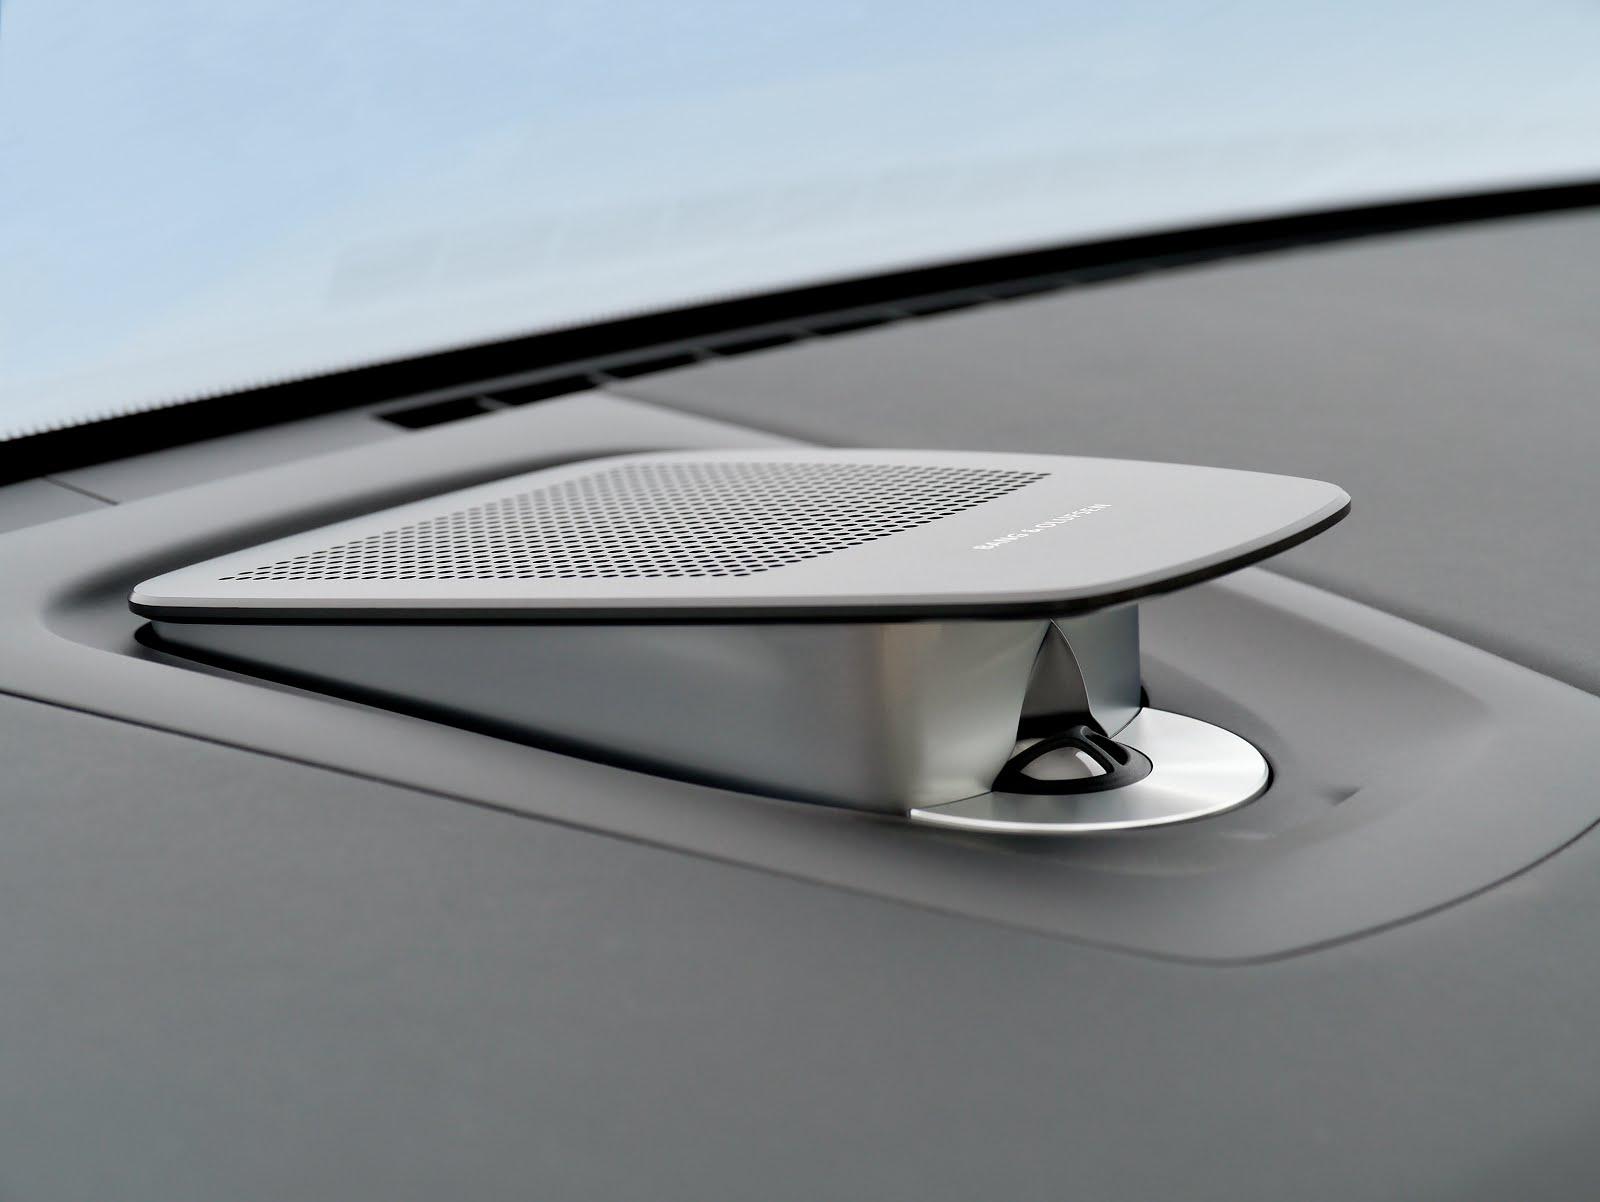 voiture communicante un haut parleur central et escamotable bord de la bmw s rie 7. Black Bedroom Furniture Sets. Home Design Ideas